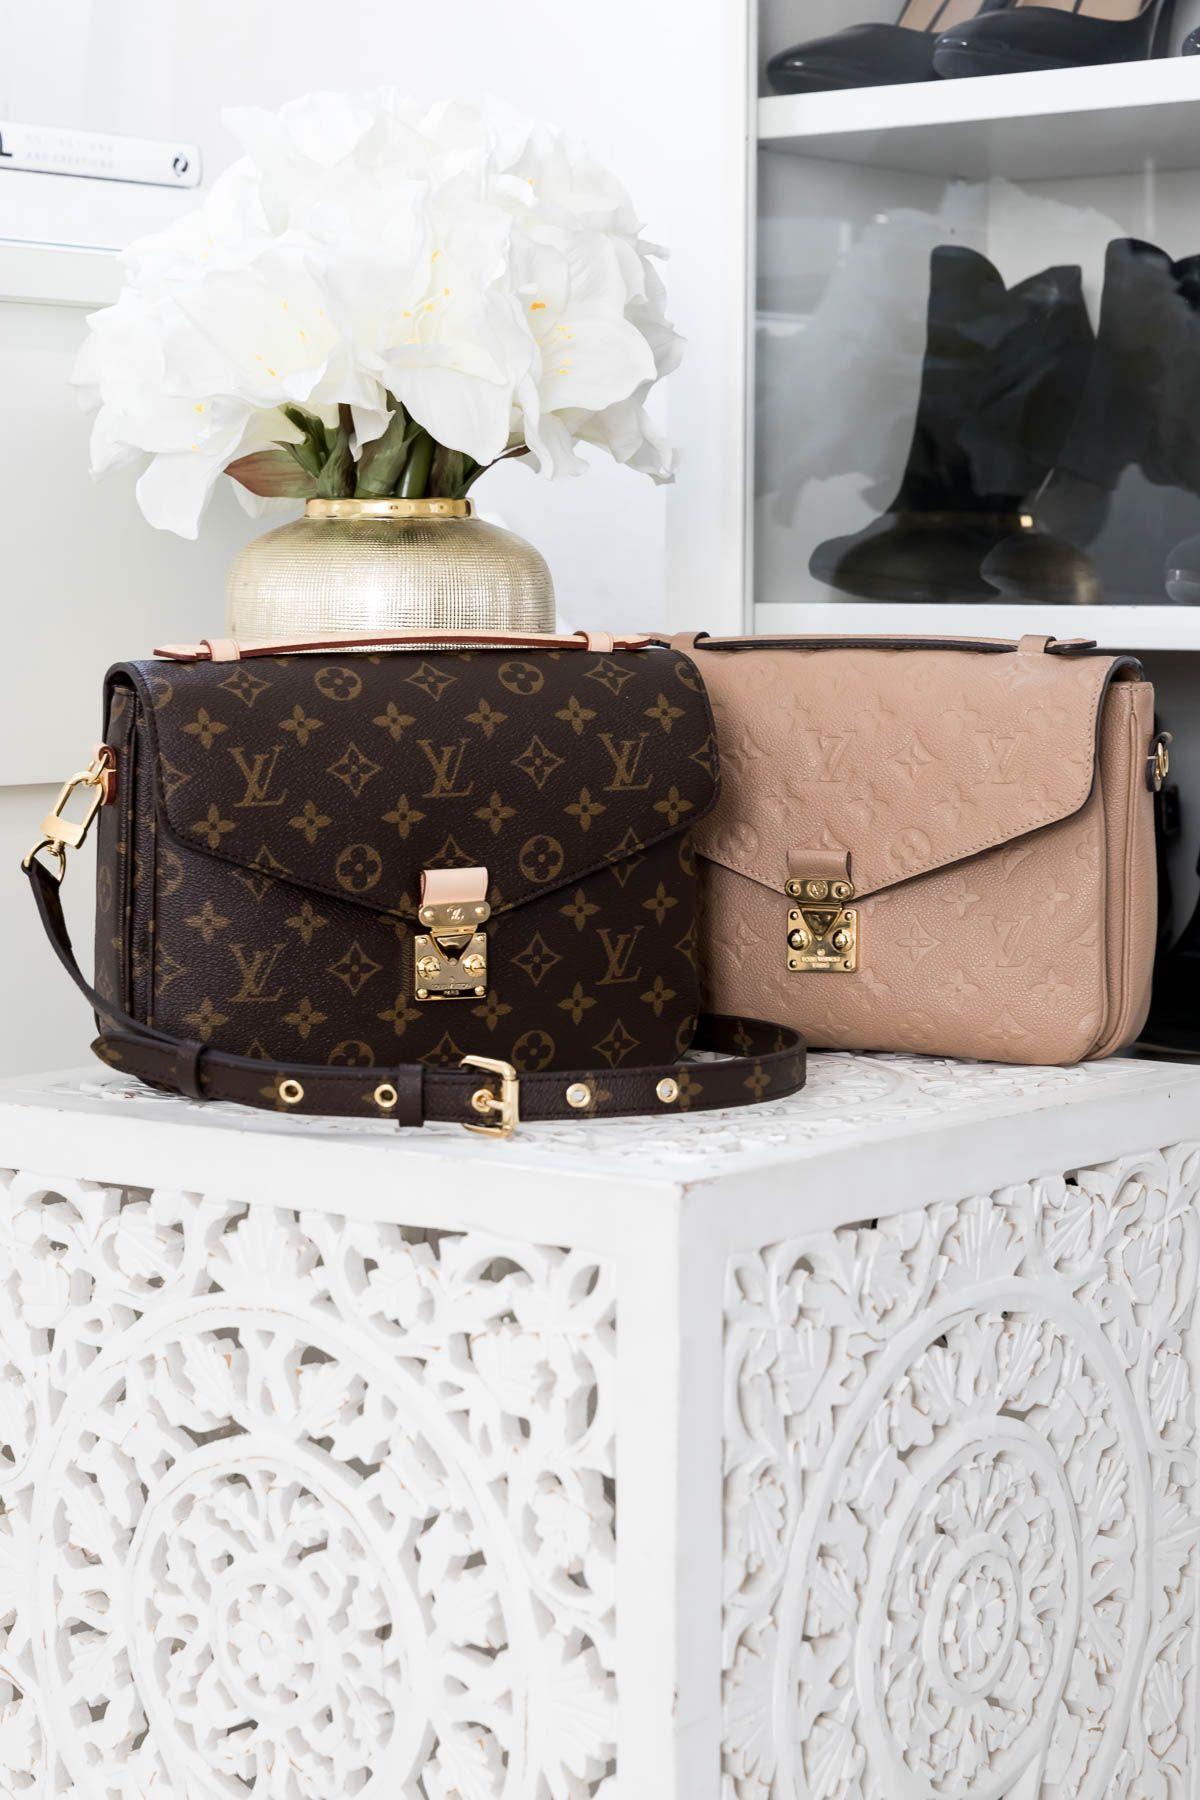 Louis Vuitton Pochette Metis Monogramm vs. Empreinte